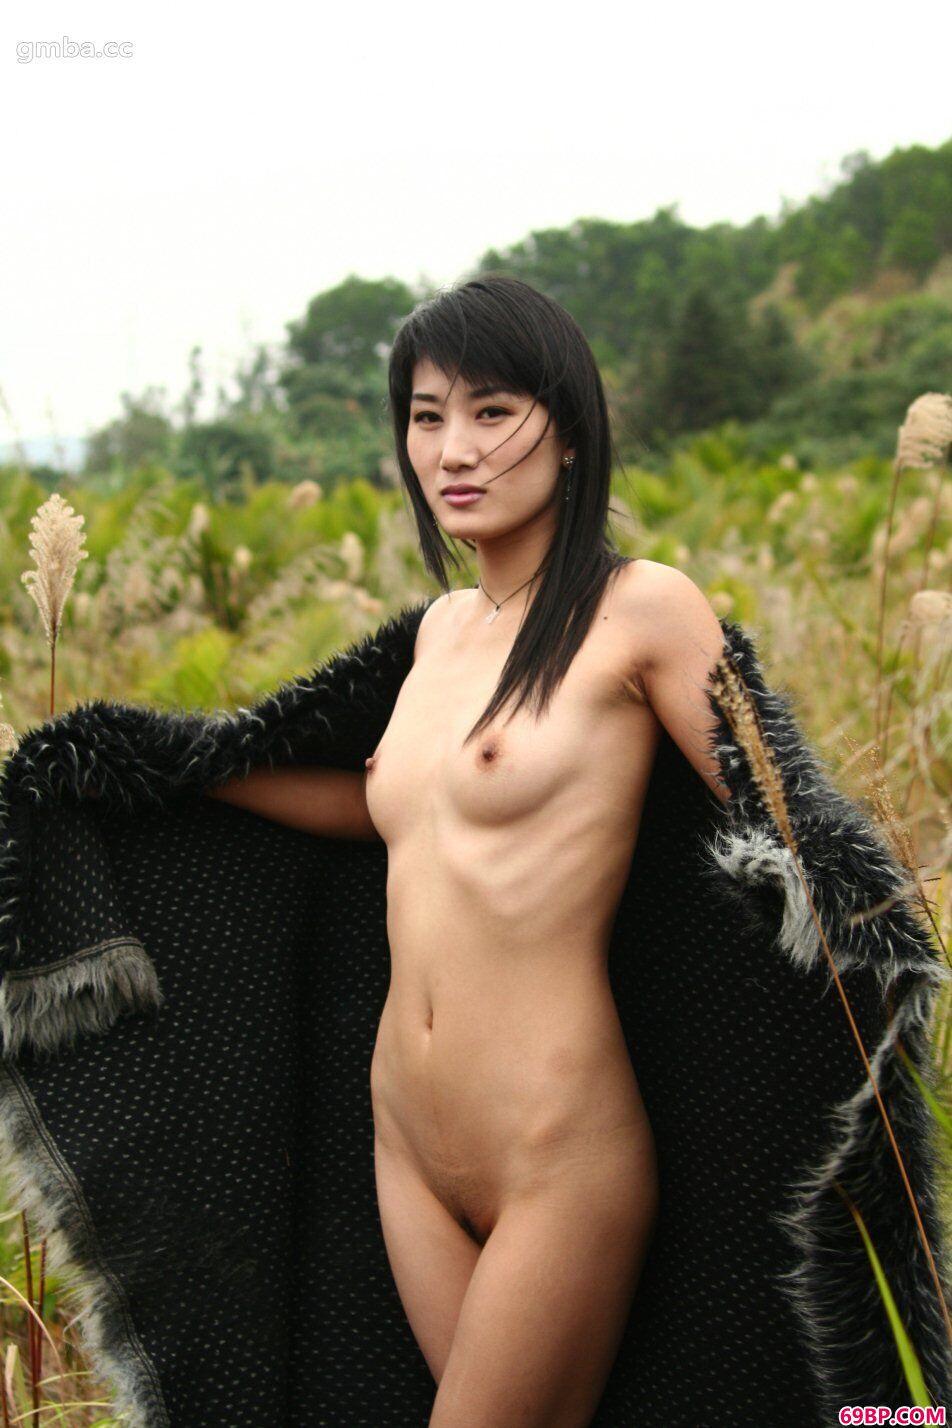 靓妹国模毛毛外景人体写真